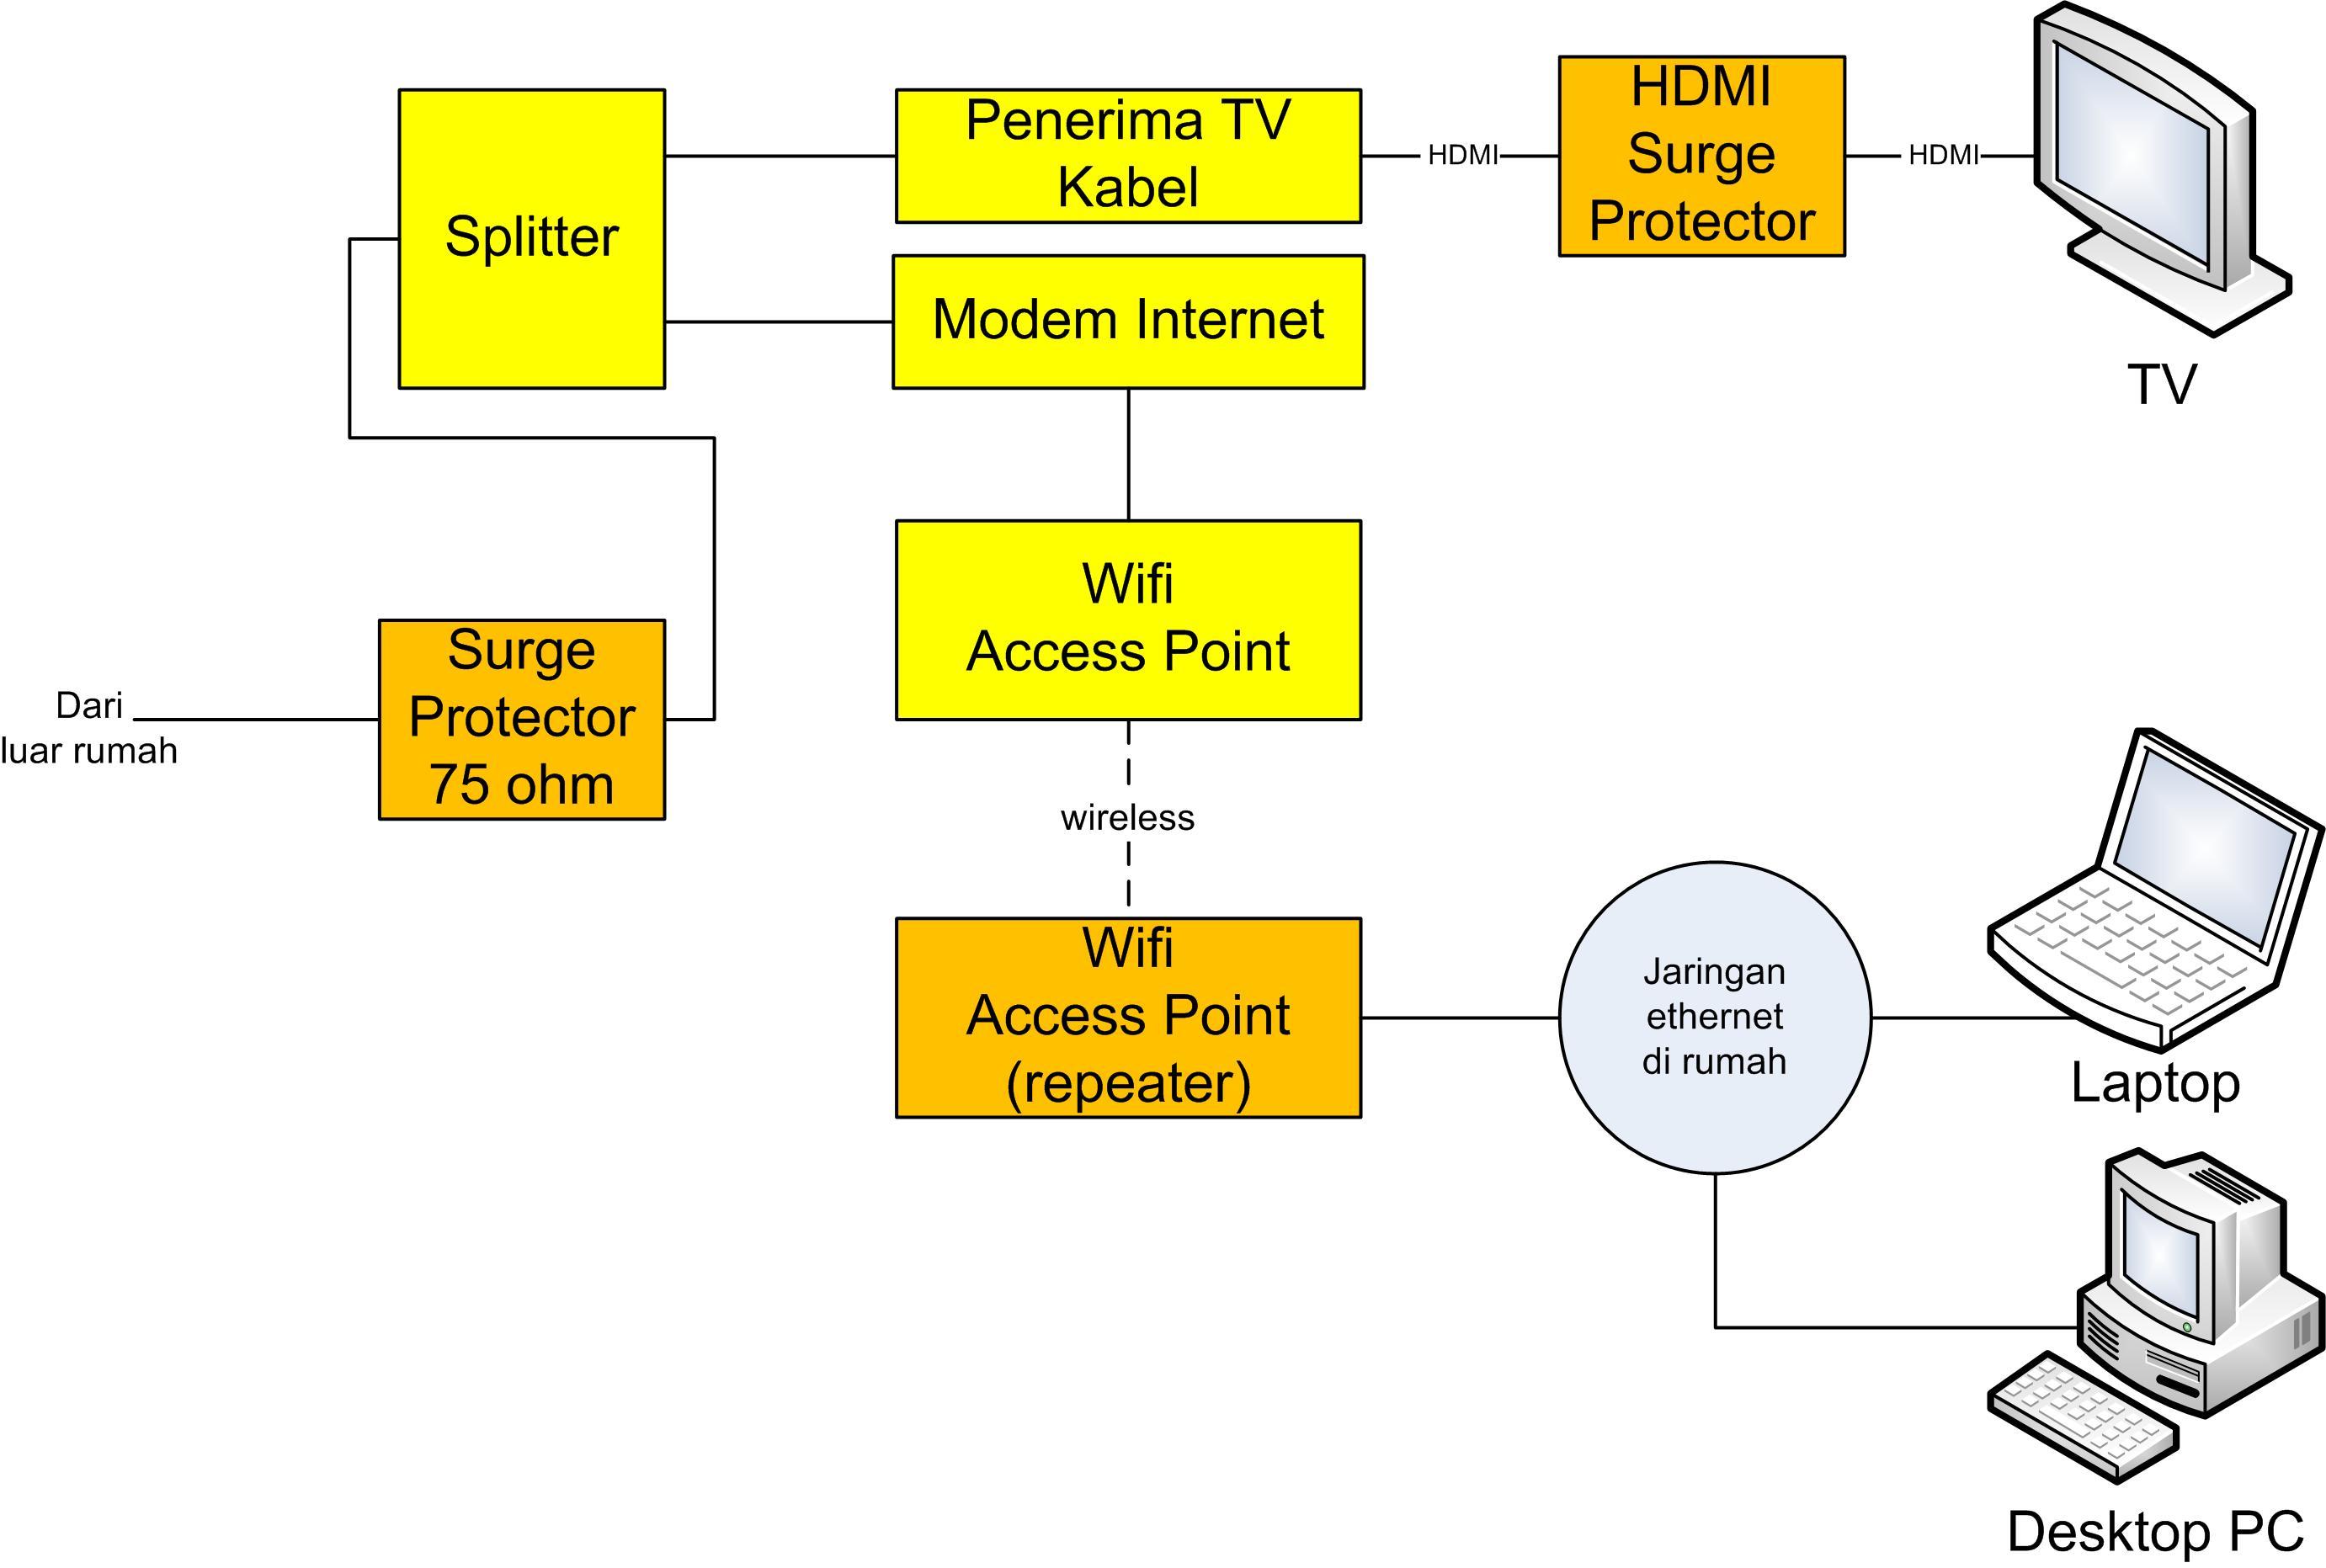 skema jaringan internet rumah dengan perlindungan petir kombinasi dengan HDMI surge protector